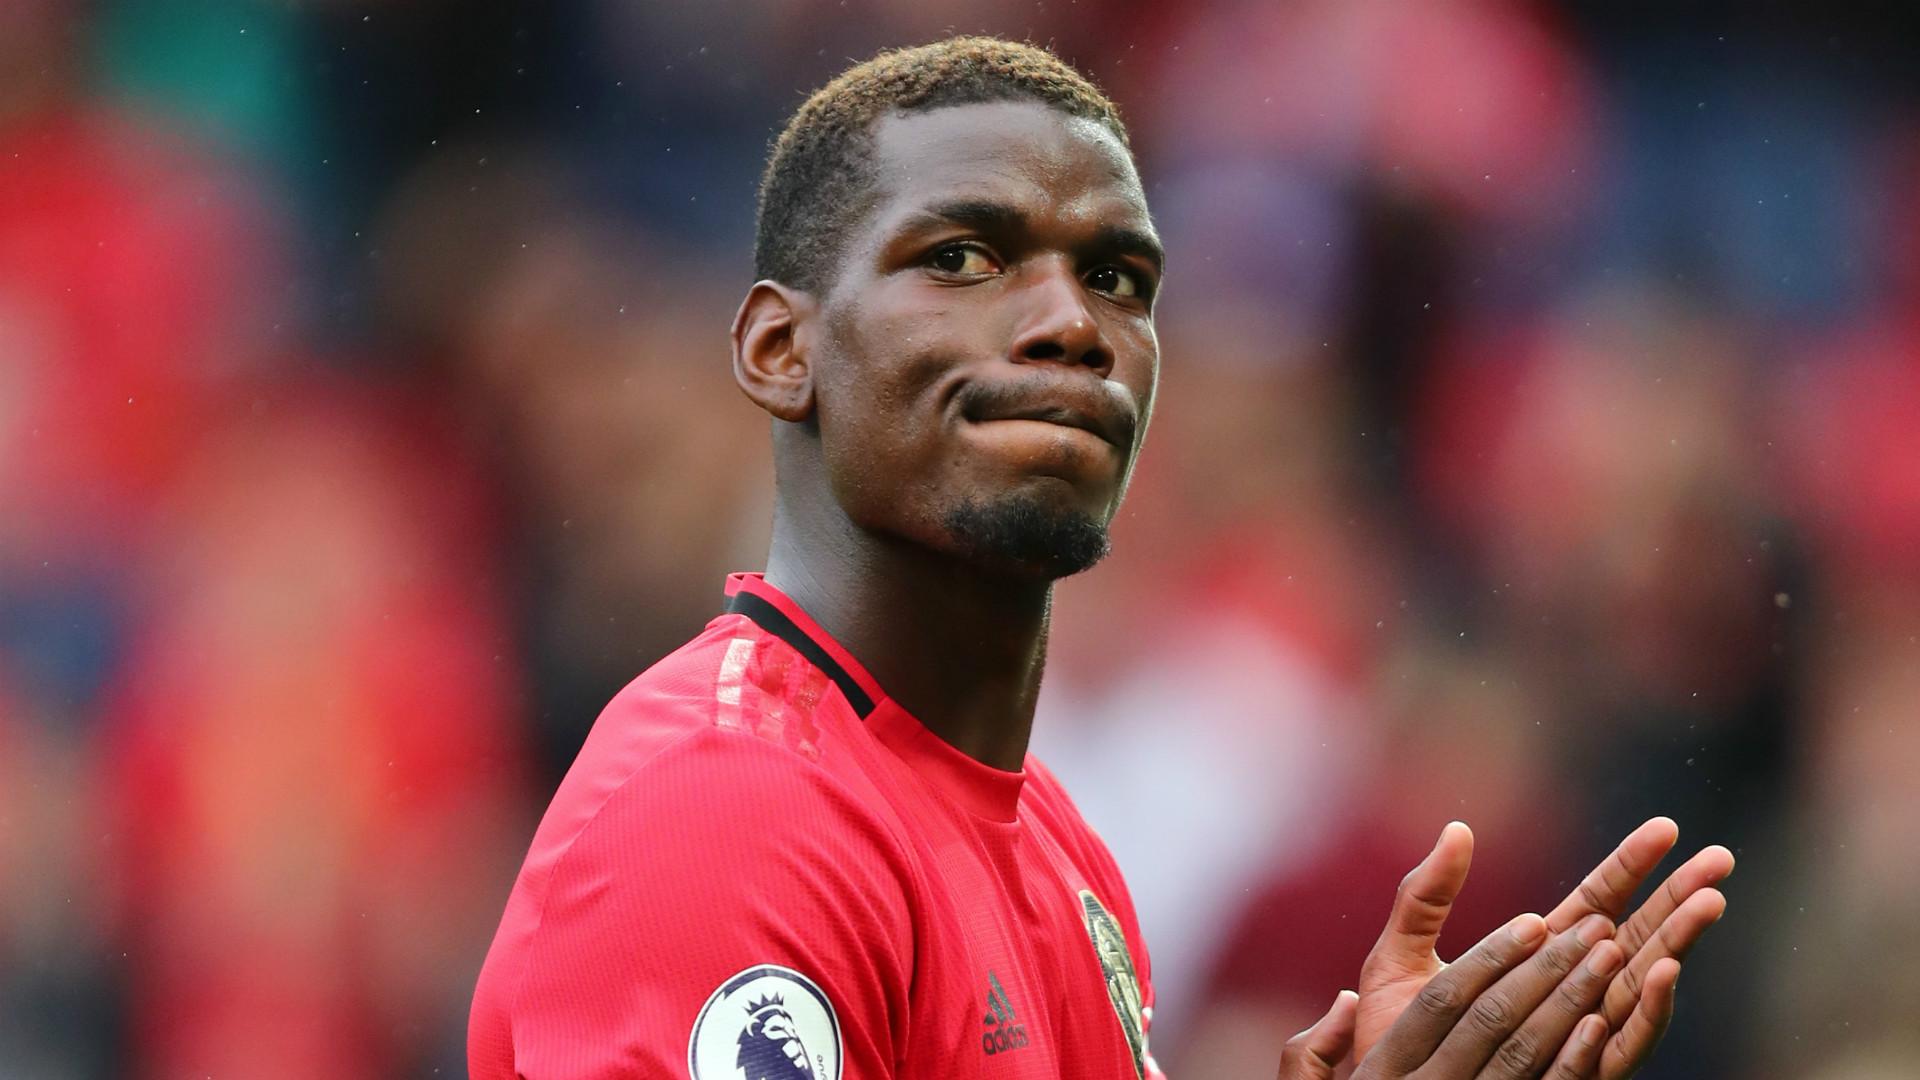 Đại họa ập đầu Solskjaer, Man Utd lâm nguy trận gặp Leicester - Bóng Đá